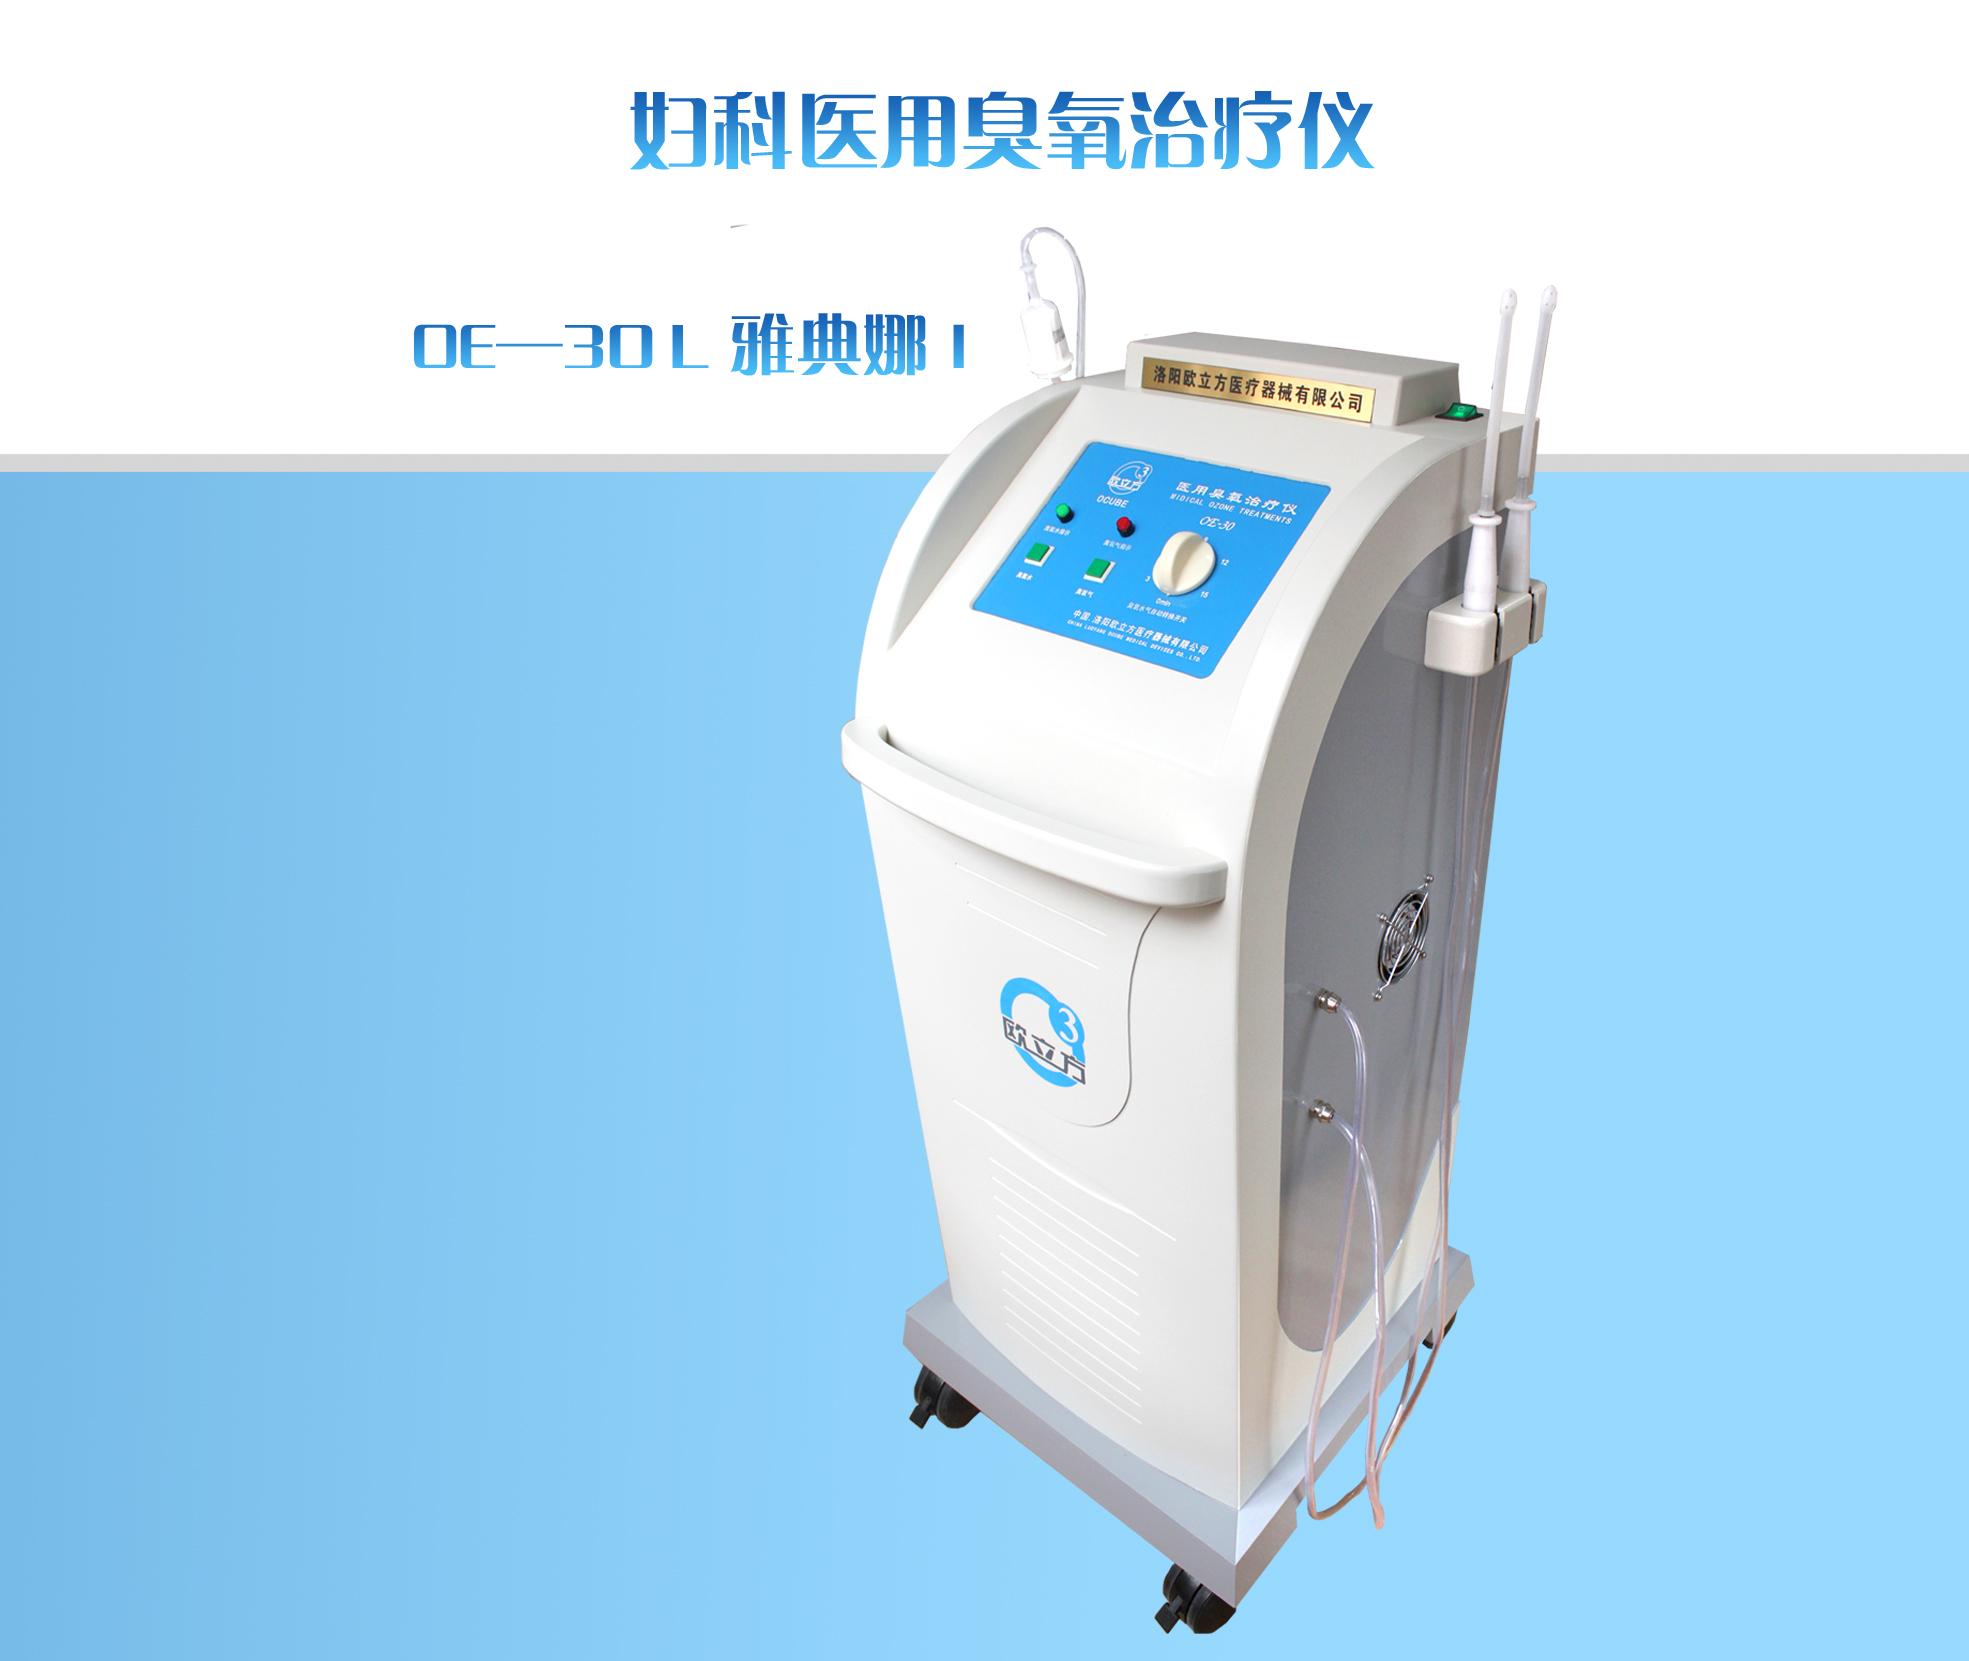 欧立方 OE-30L 雅典娜I 妇科医用臭氧治疗仪